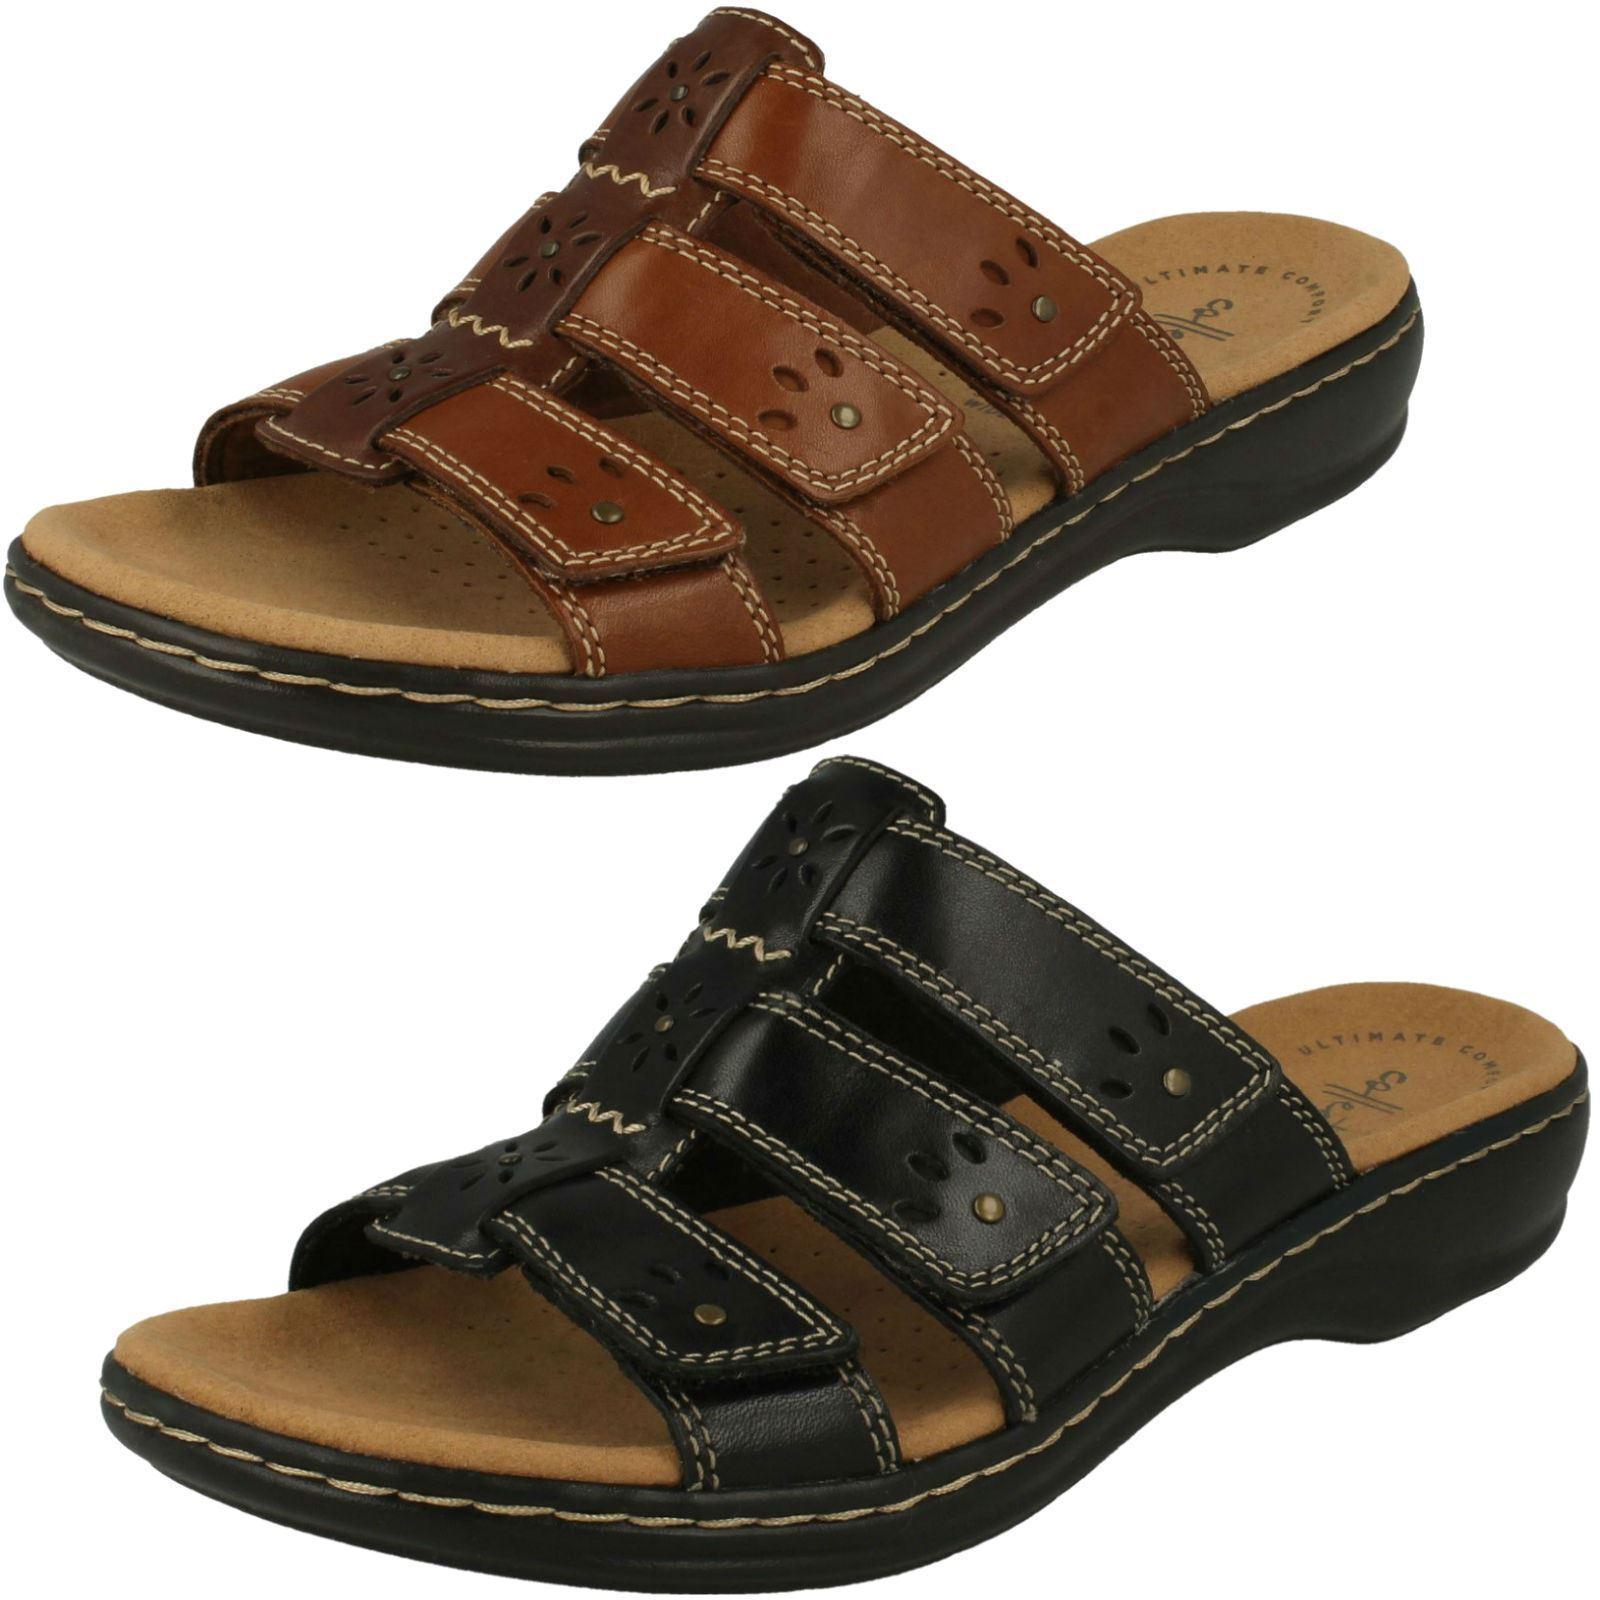 Ladies Clarks Slip On Mule Sandals 'Leisa Spring'